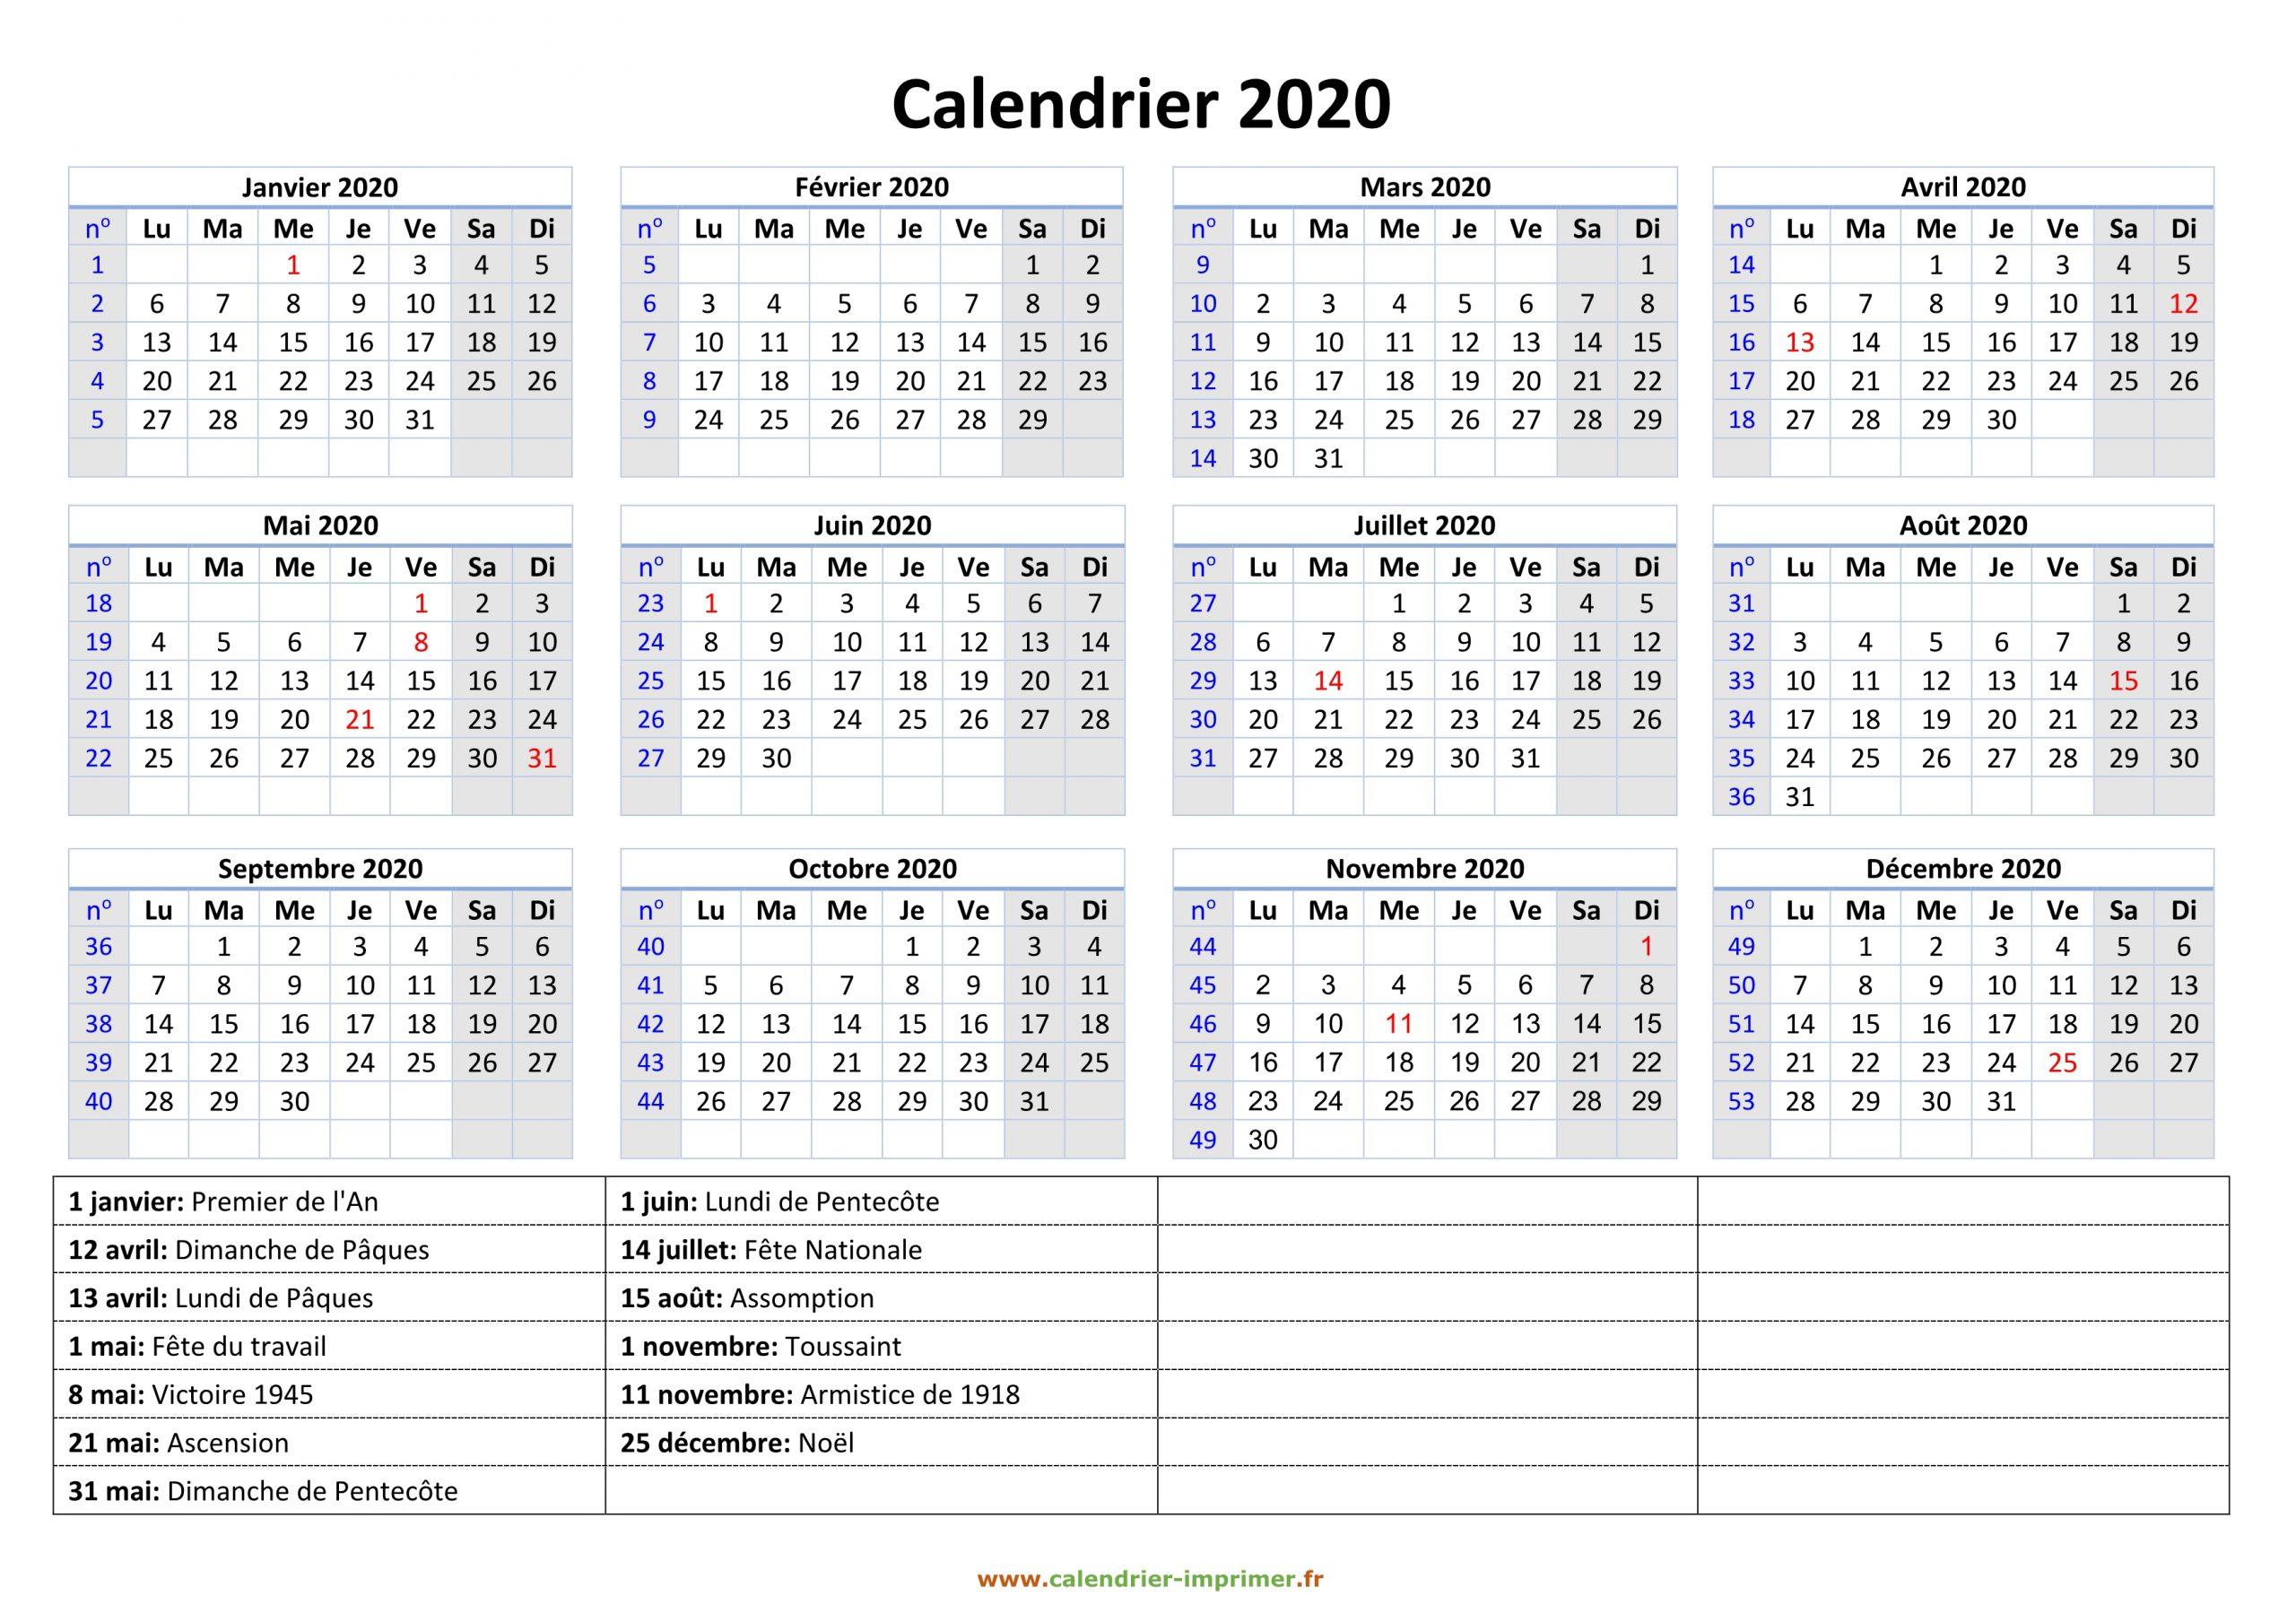 Calendrier 2020 À Imprimer Gratuit dedans Imprimer Des Calendriers